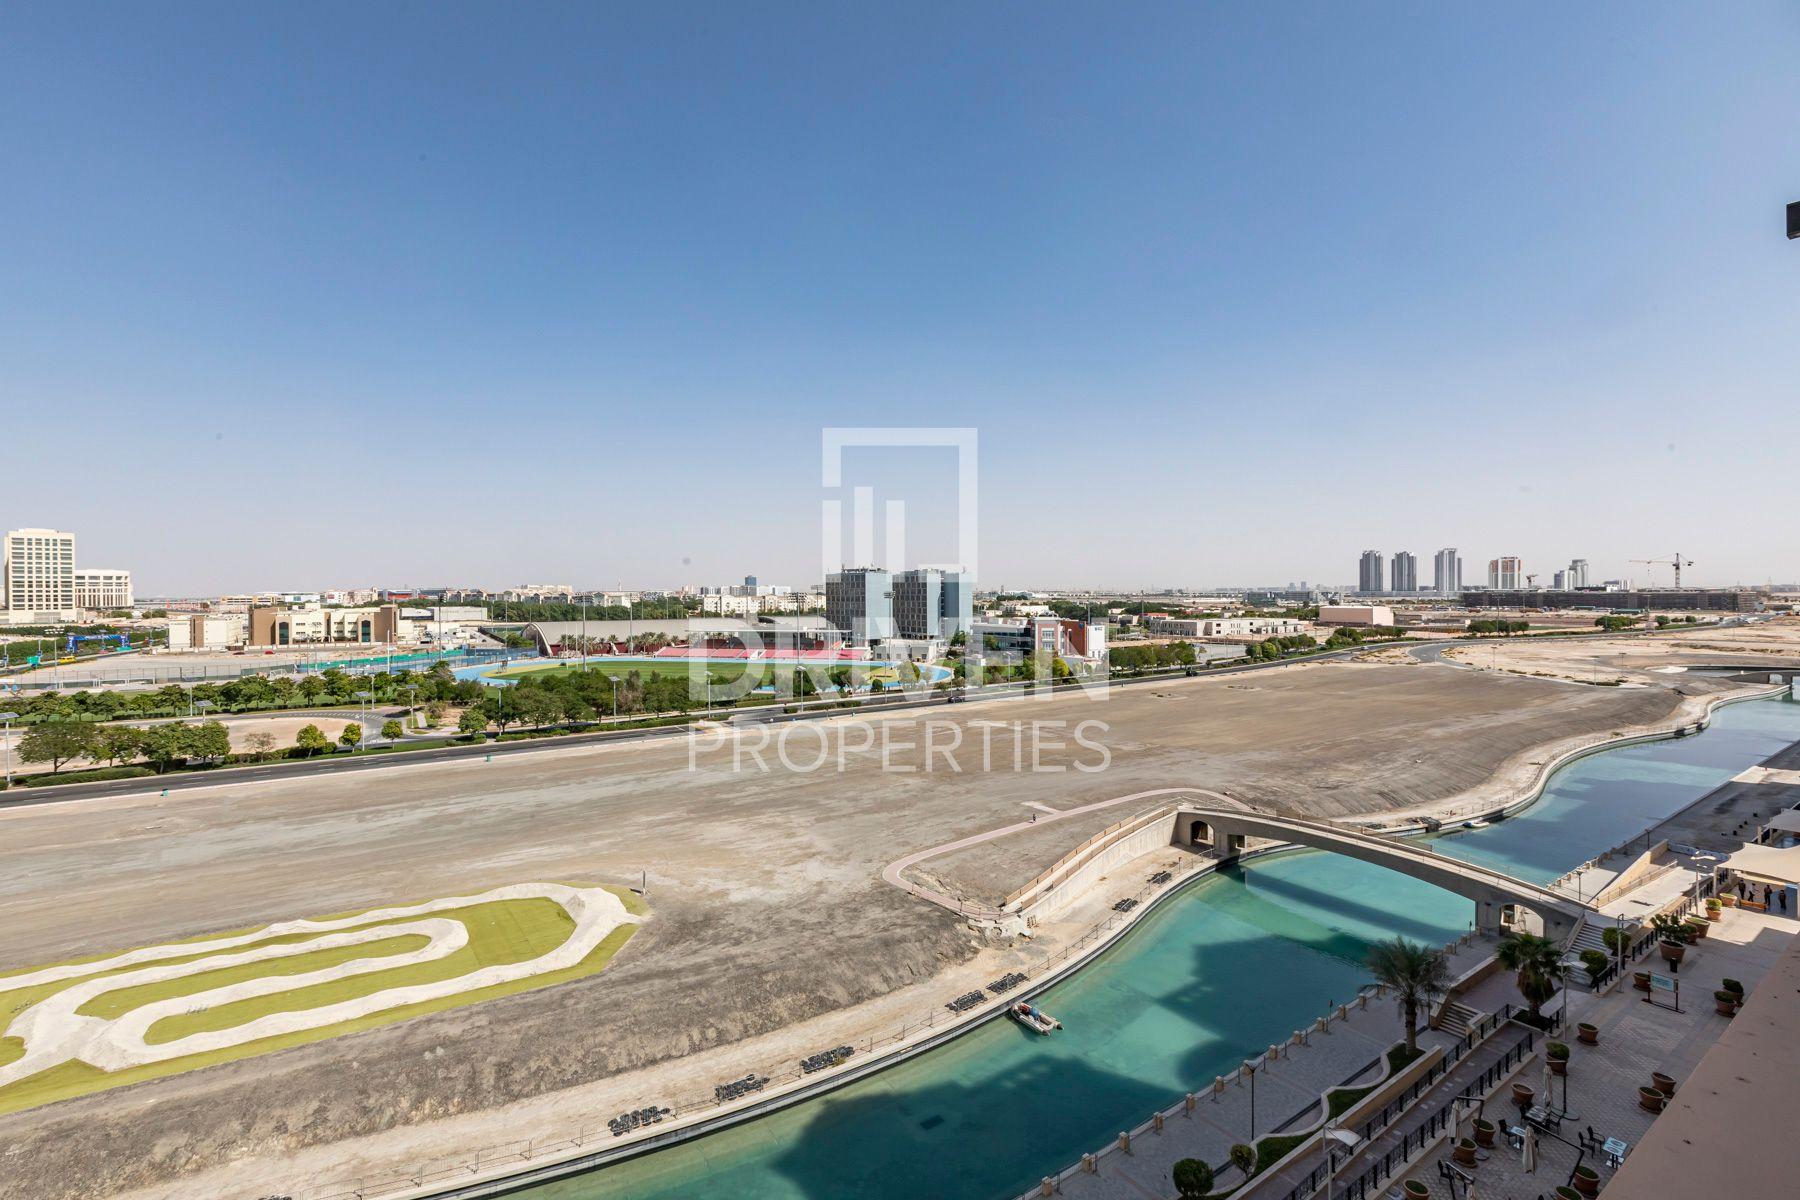 1,565 قدم مربع  شقة - للايجار - مدينة دبي الرياضية